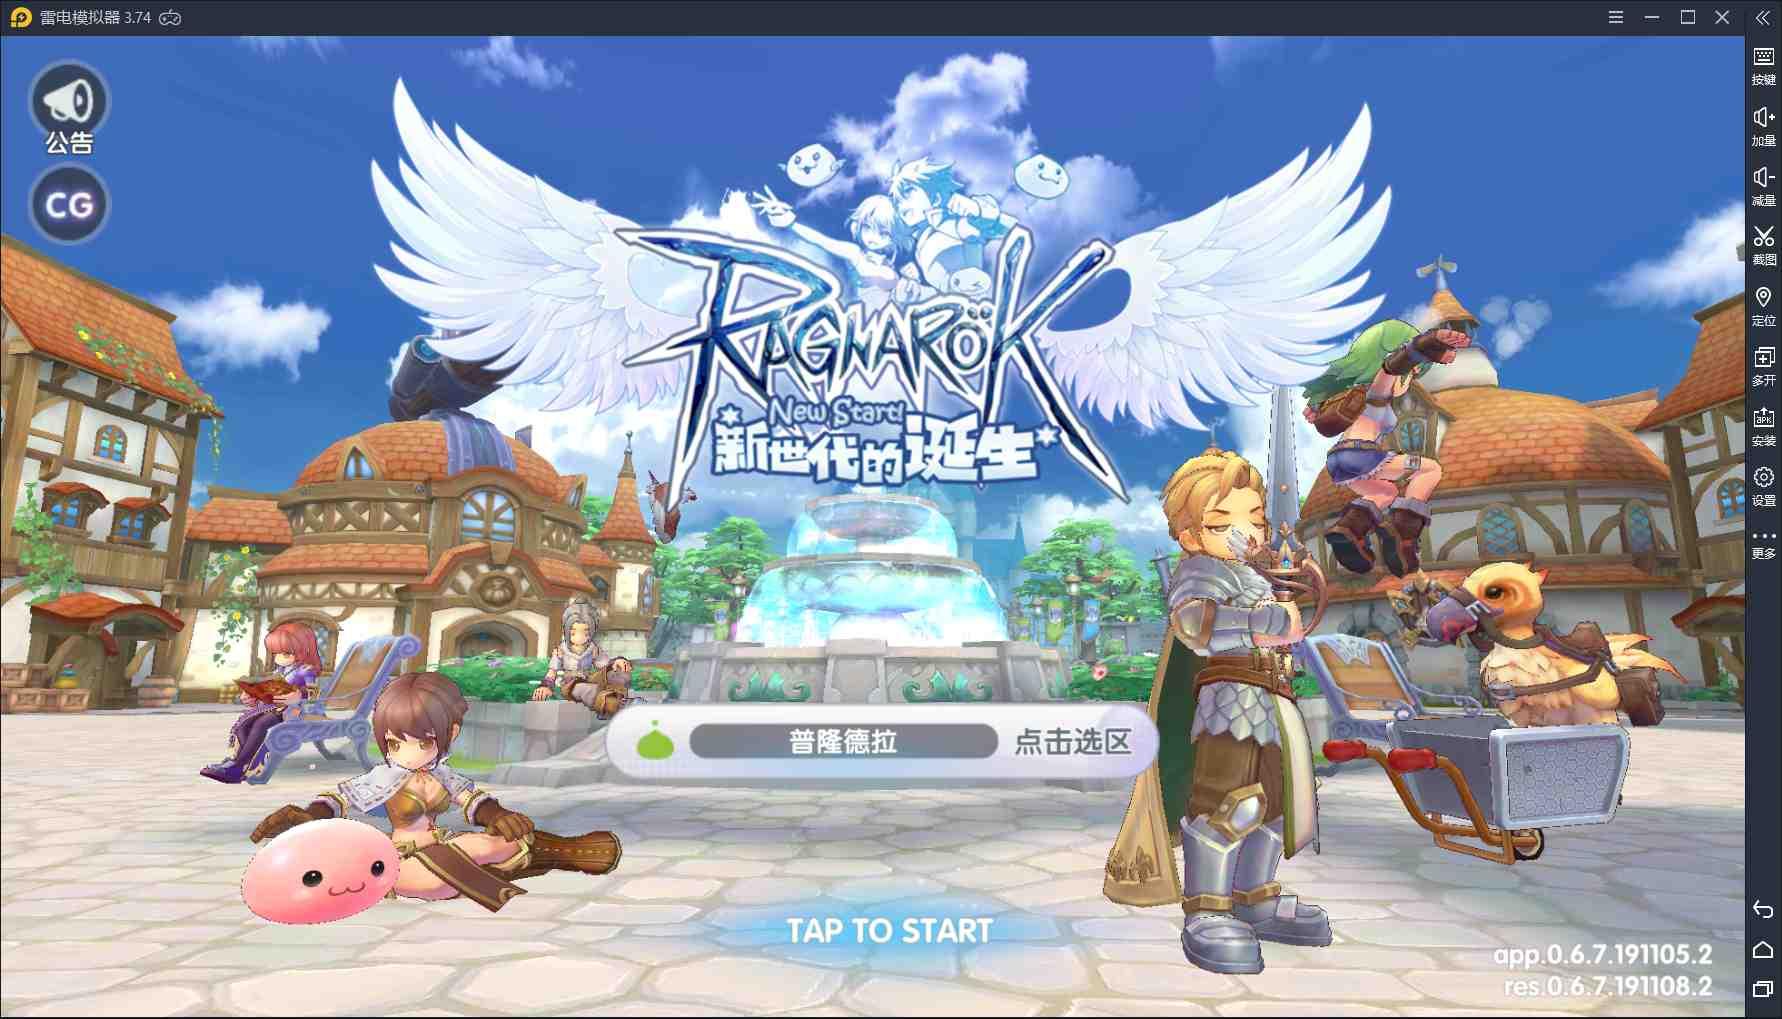 【仙境传说RO:新世代的诞生】:新世代的诞生也是旧经典的延续